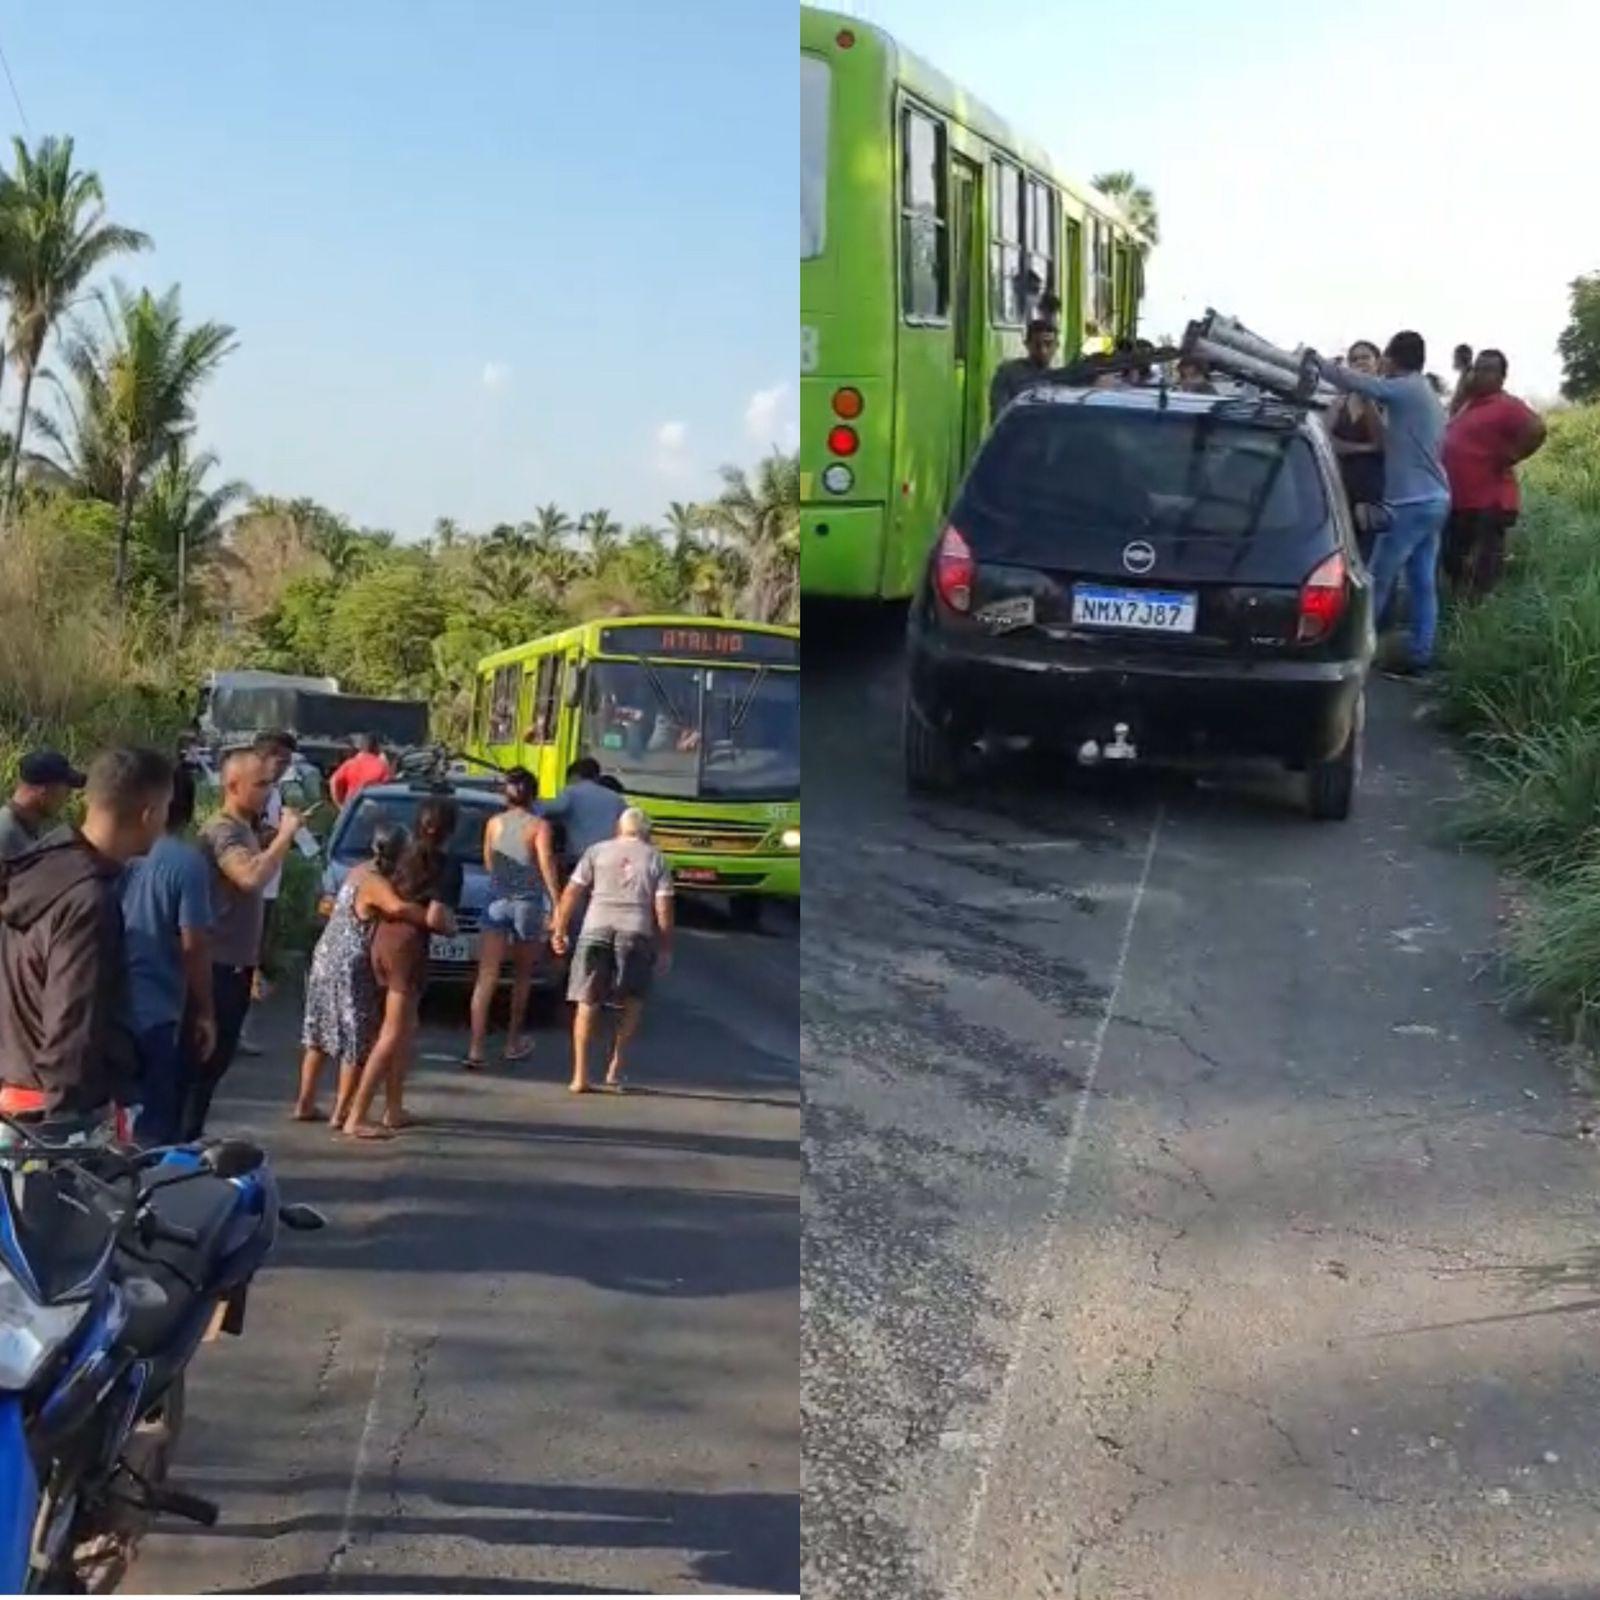 Colisão entre veículos deixou ao menos 7 feridos em Teresina